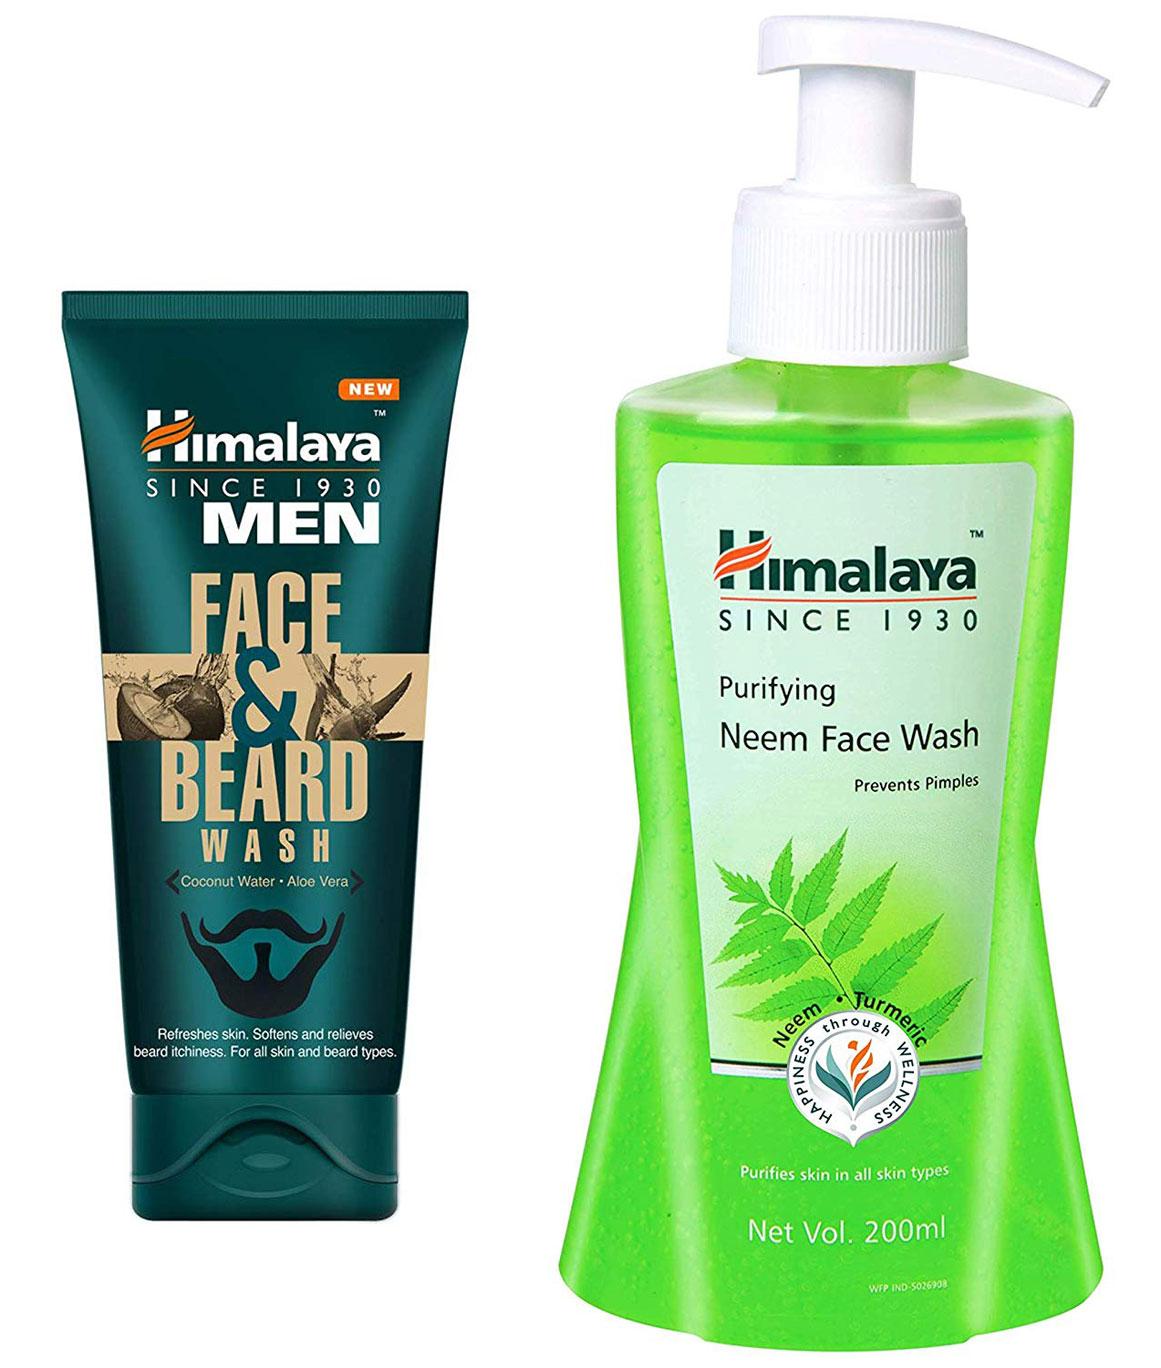 Himalaya Men Face And Beard Wash 80ml and Himalaya Herbals Purifying Neem Face Wash 200ml